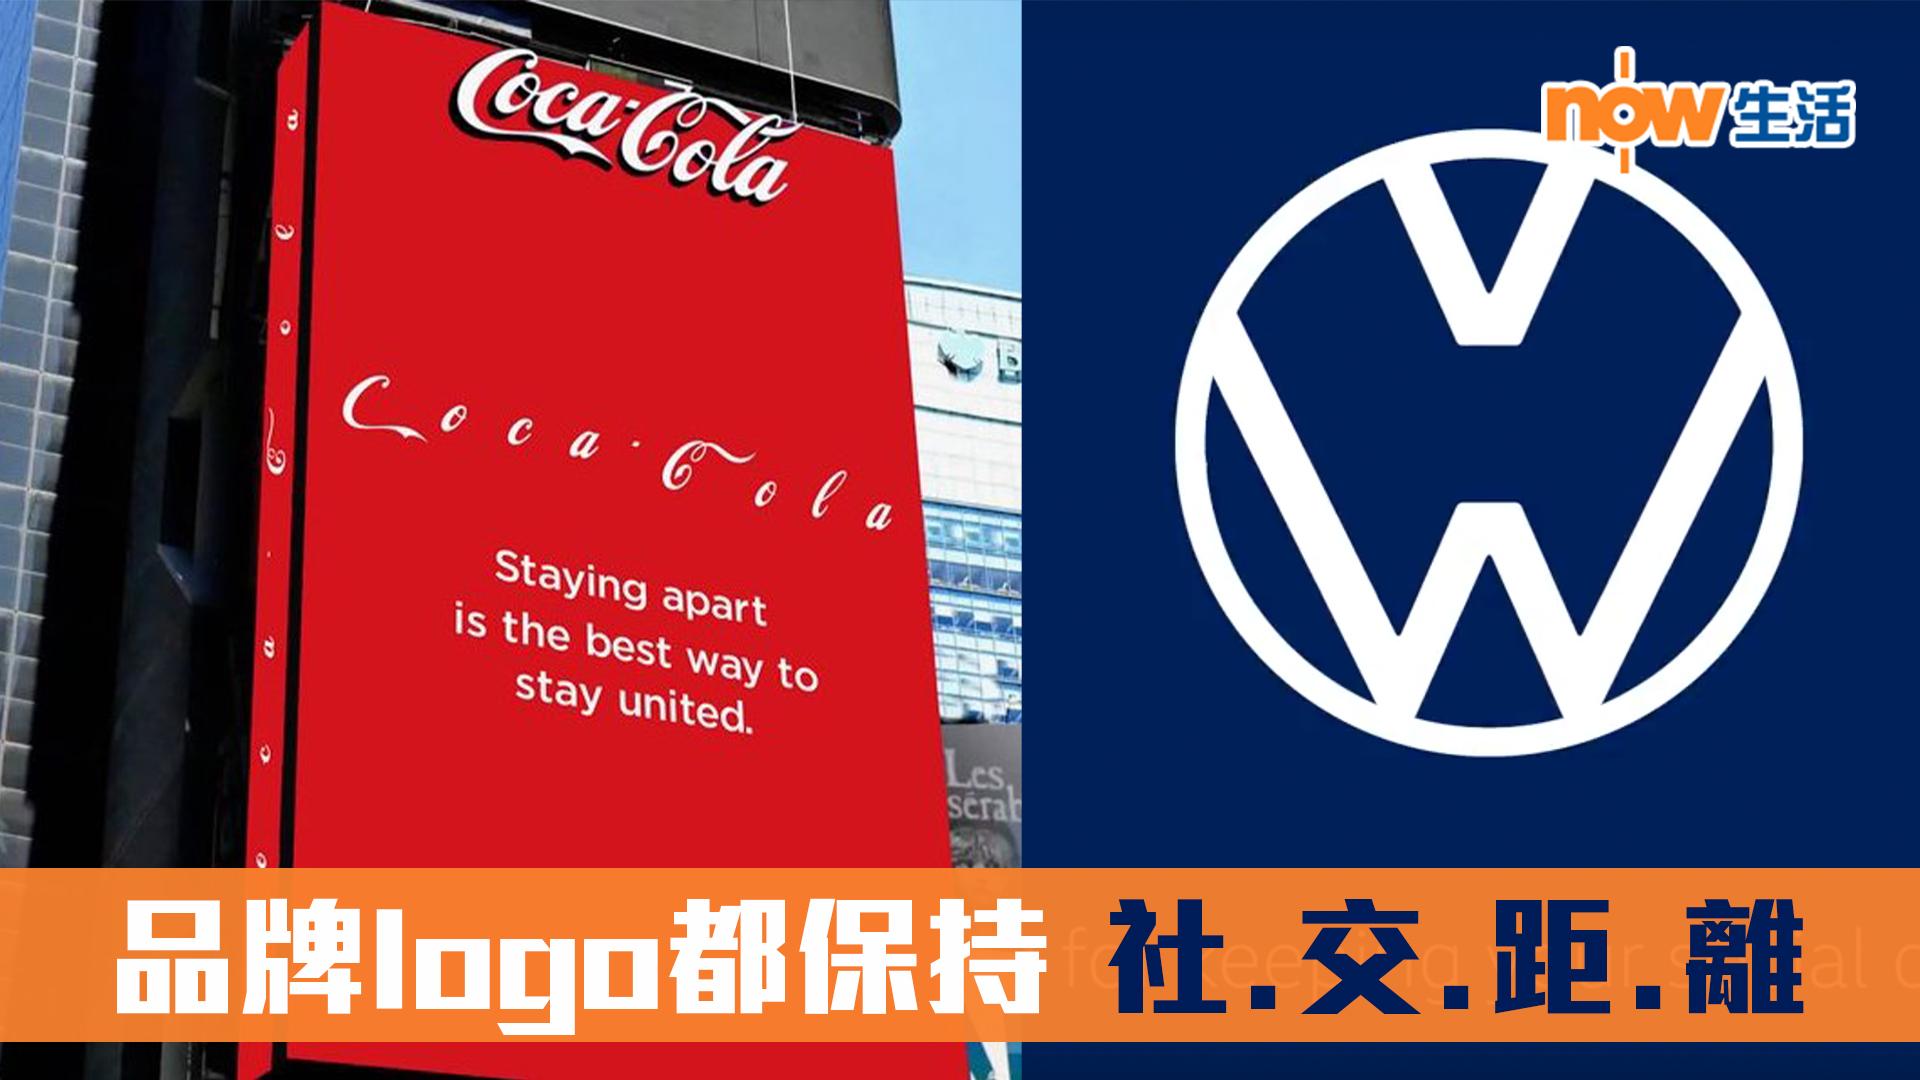 【創意廣告】各大品牌logo都乖乖保持社交距離!